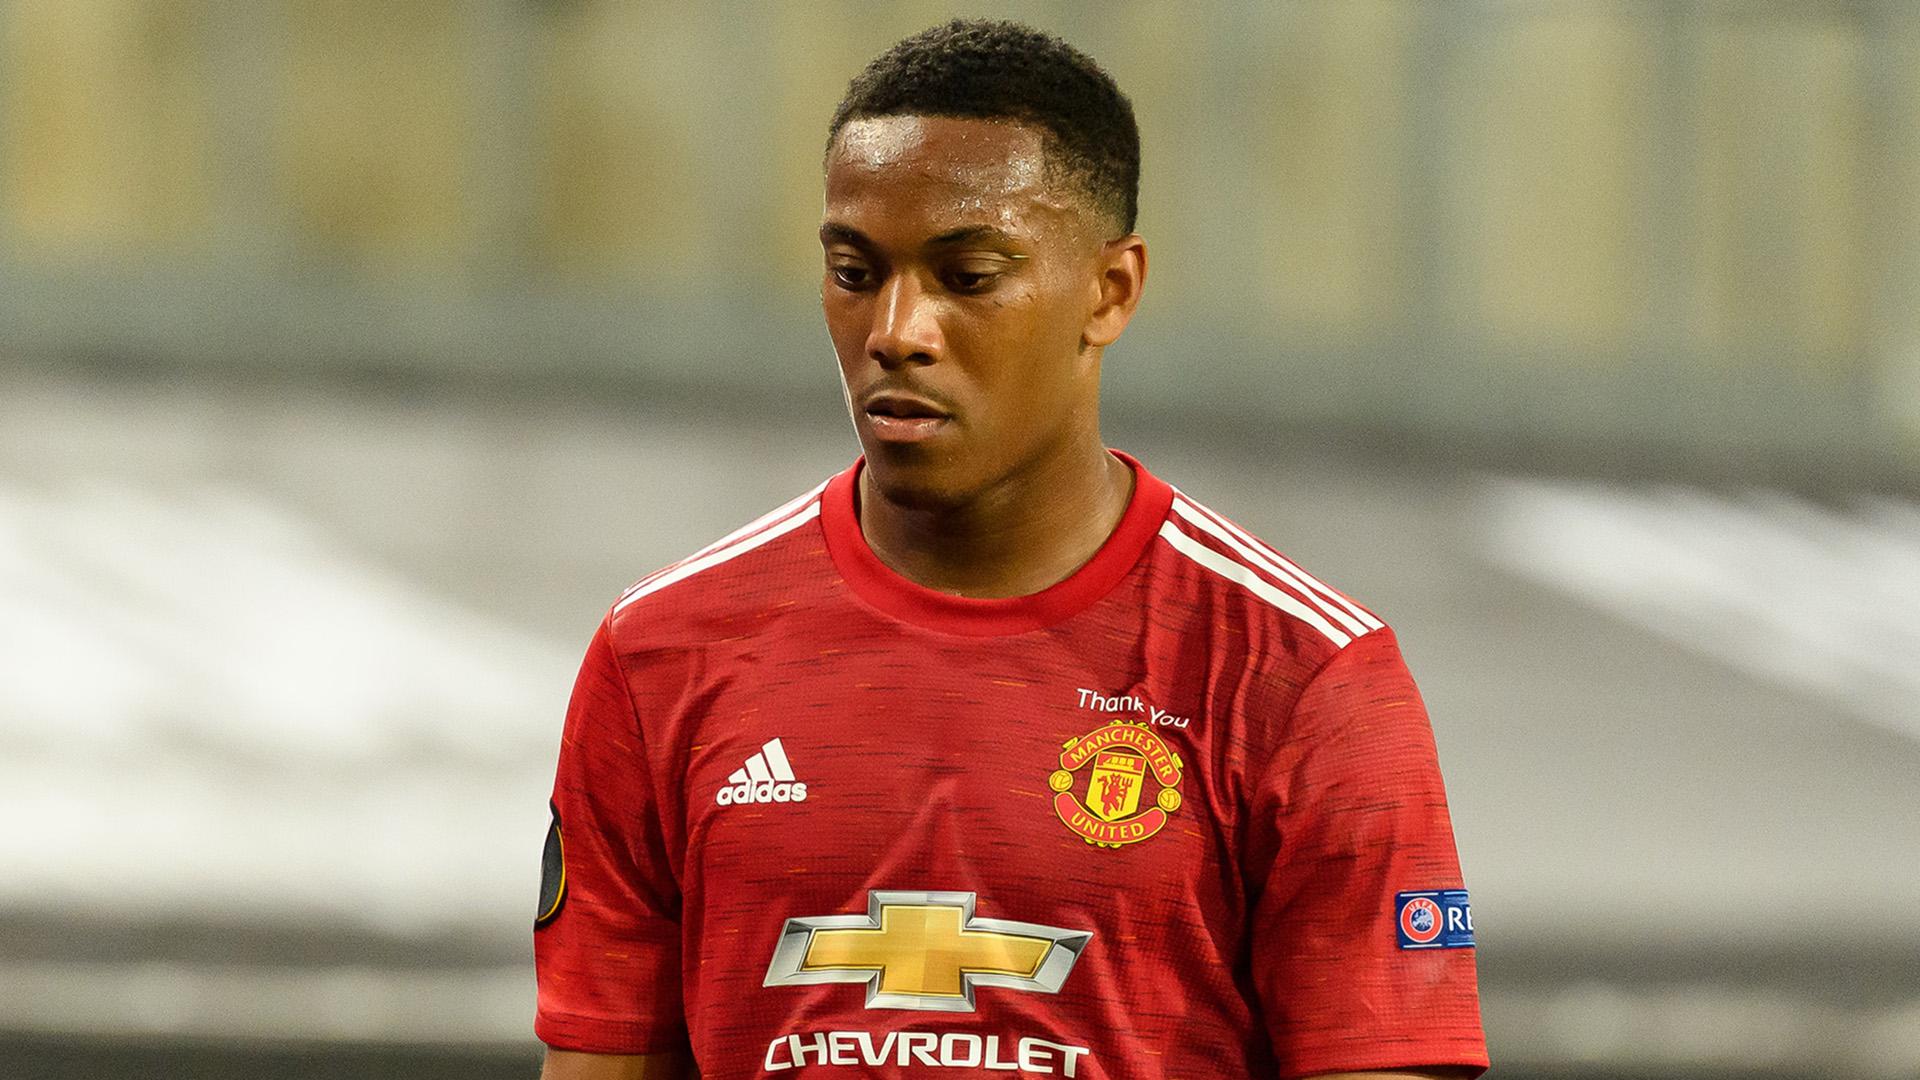 Man Utd boss Solskjaer backs misfiring Martial to come good